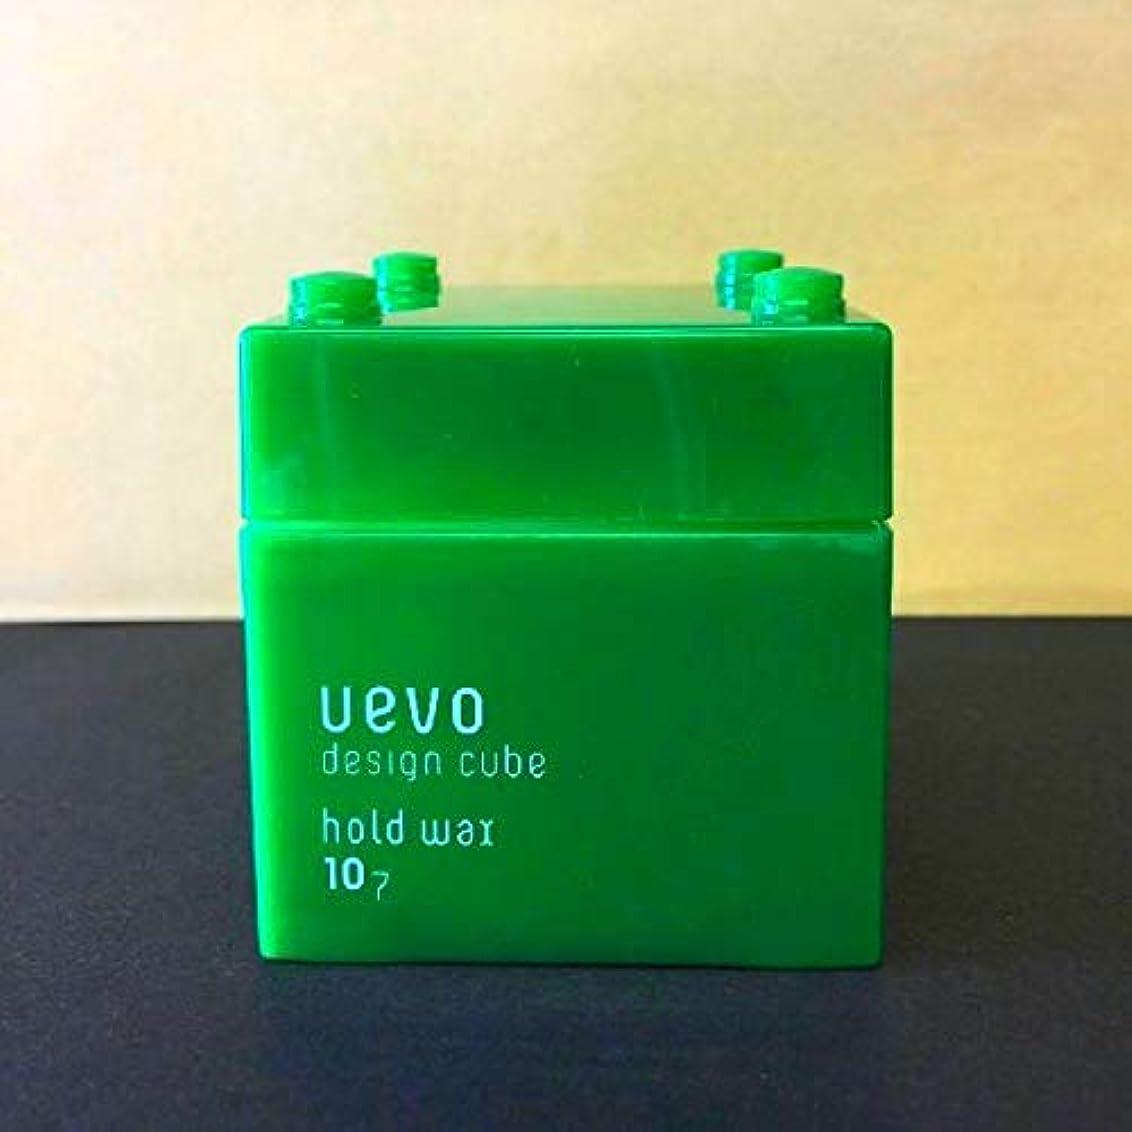 変形制約サーキットに行く【X3個セット】 デミ ウェーボ デザインキューブ ホールドワックス 80g hold wax DEMI uevo design cube